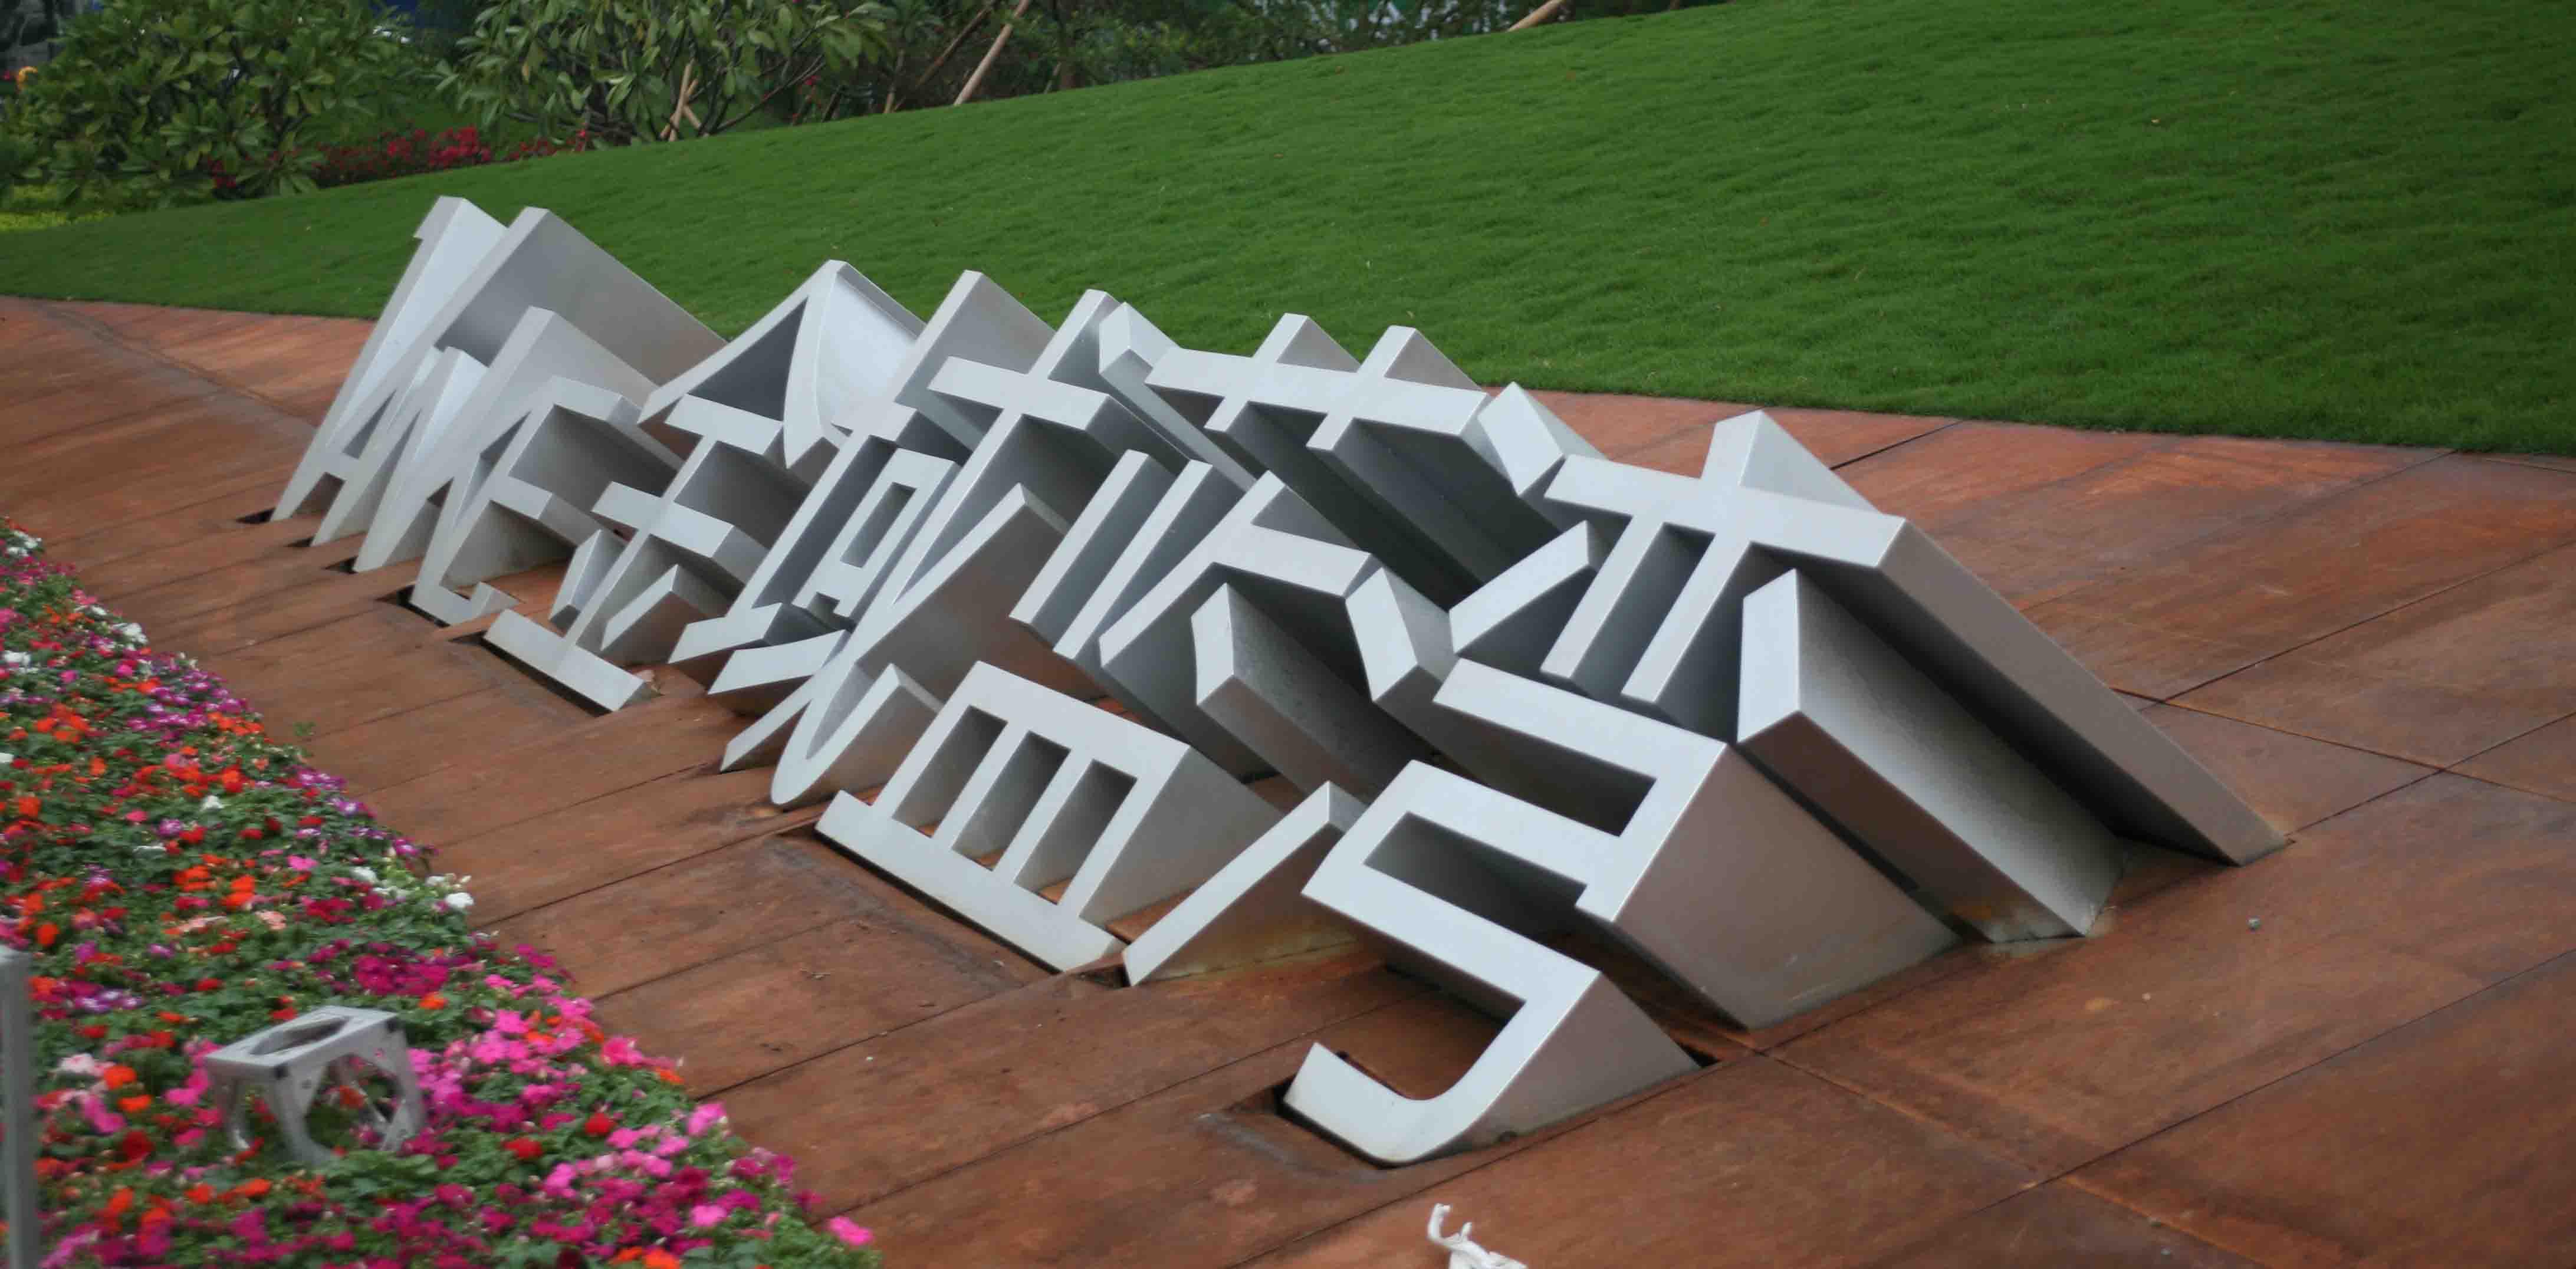 立体文字-广州市一土雕塑工程有限公司的立体文字